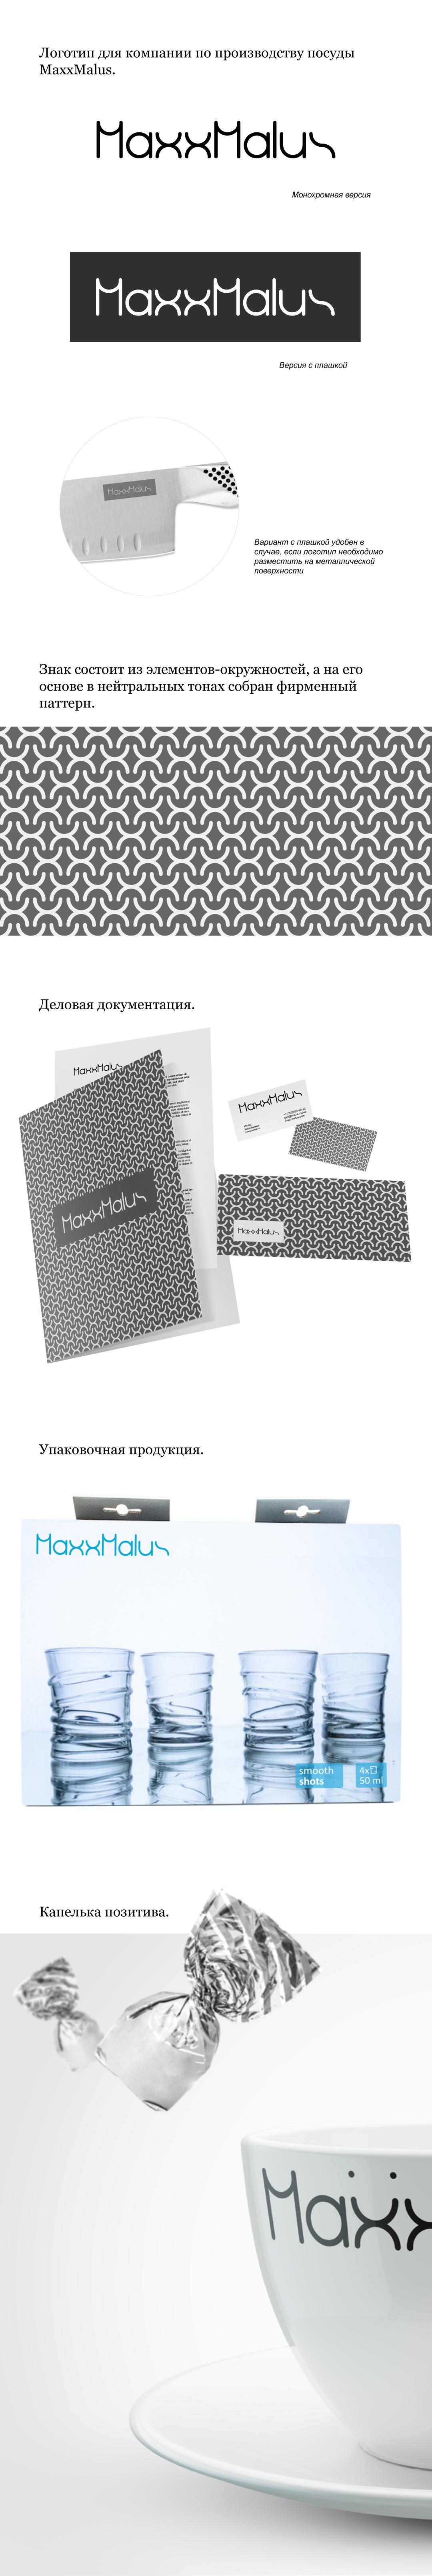 Логотип для нового бренда повседневной посуды фото f_0925ba1326fb9c84.png